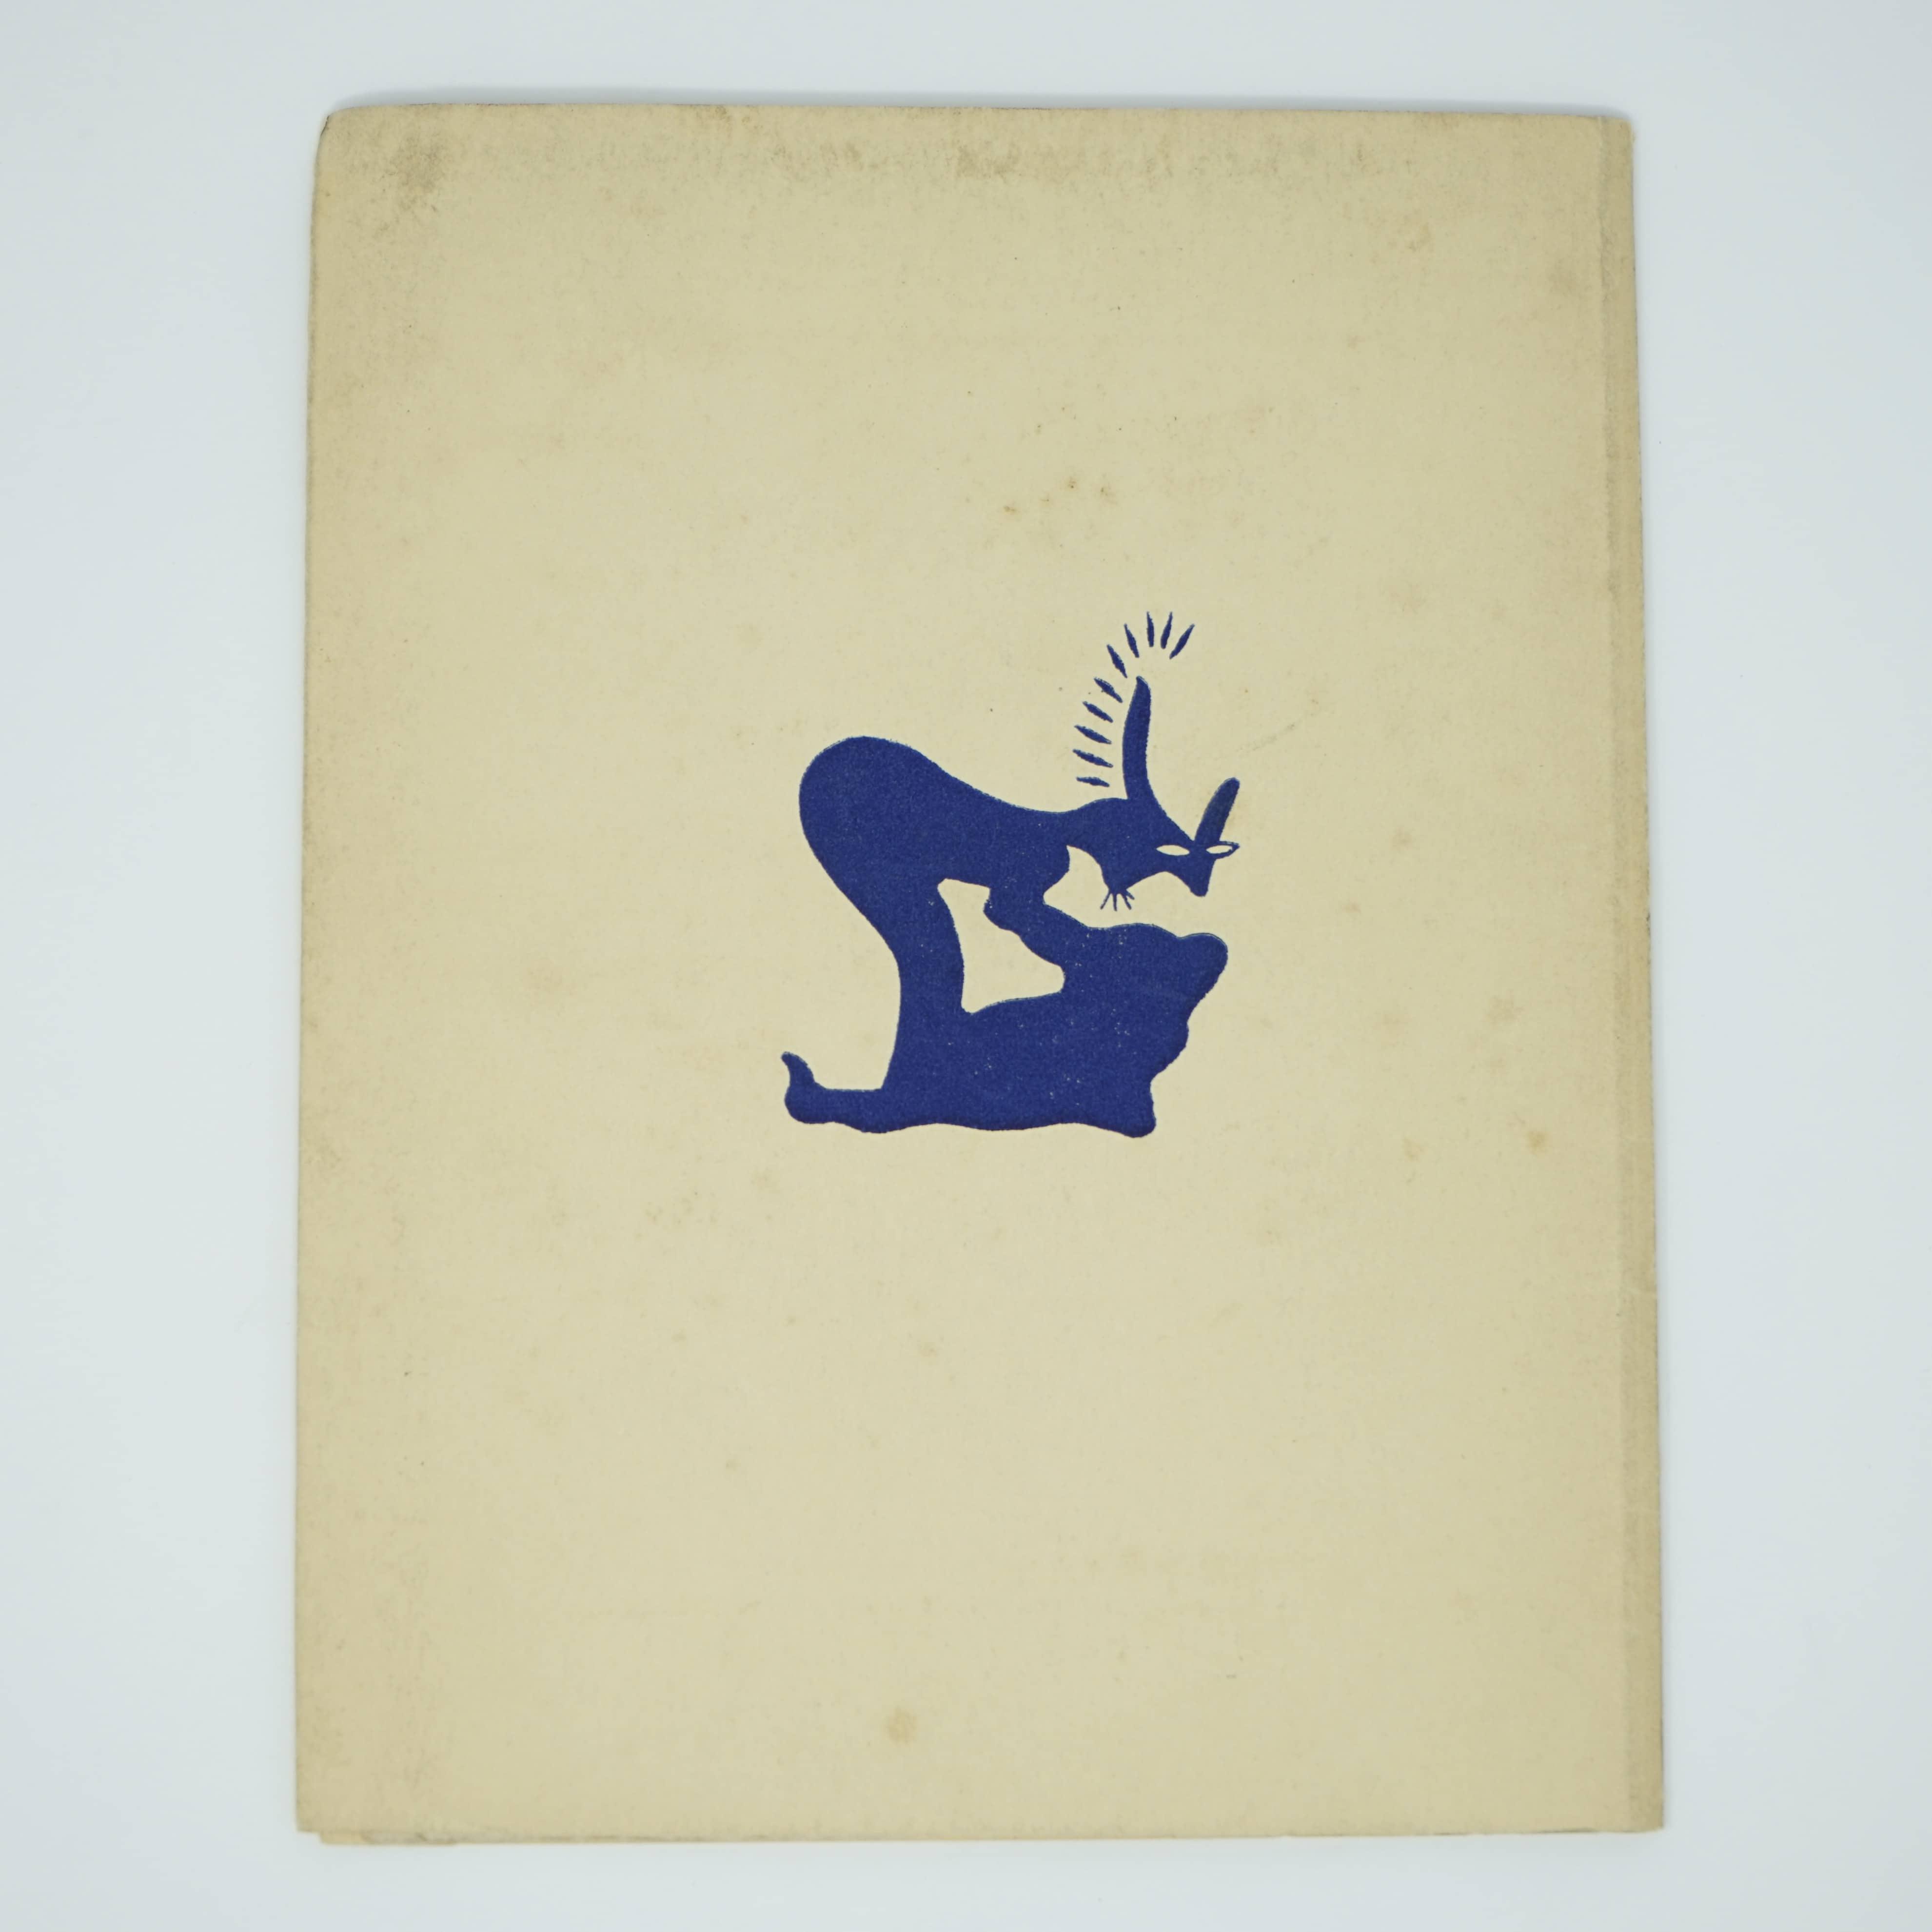 Livre Raymond Queneau couverture arrière